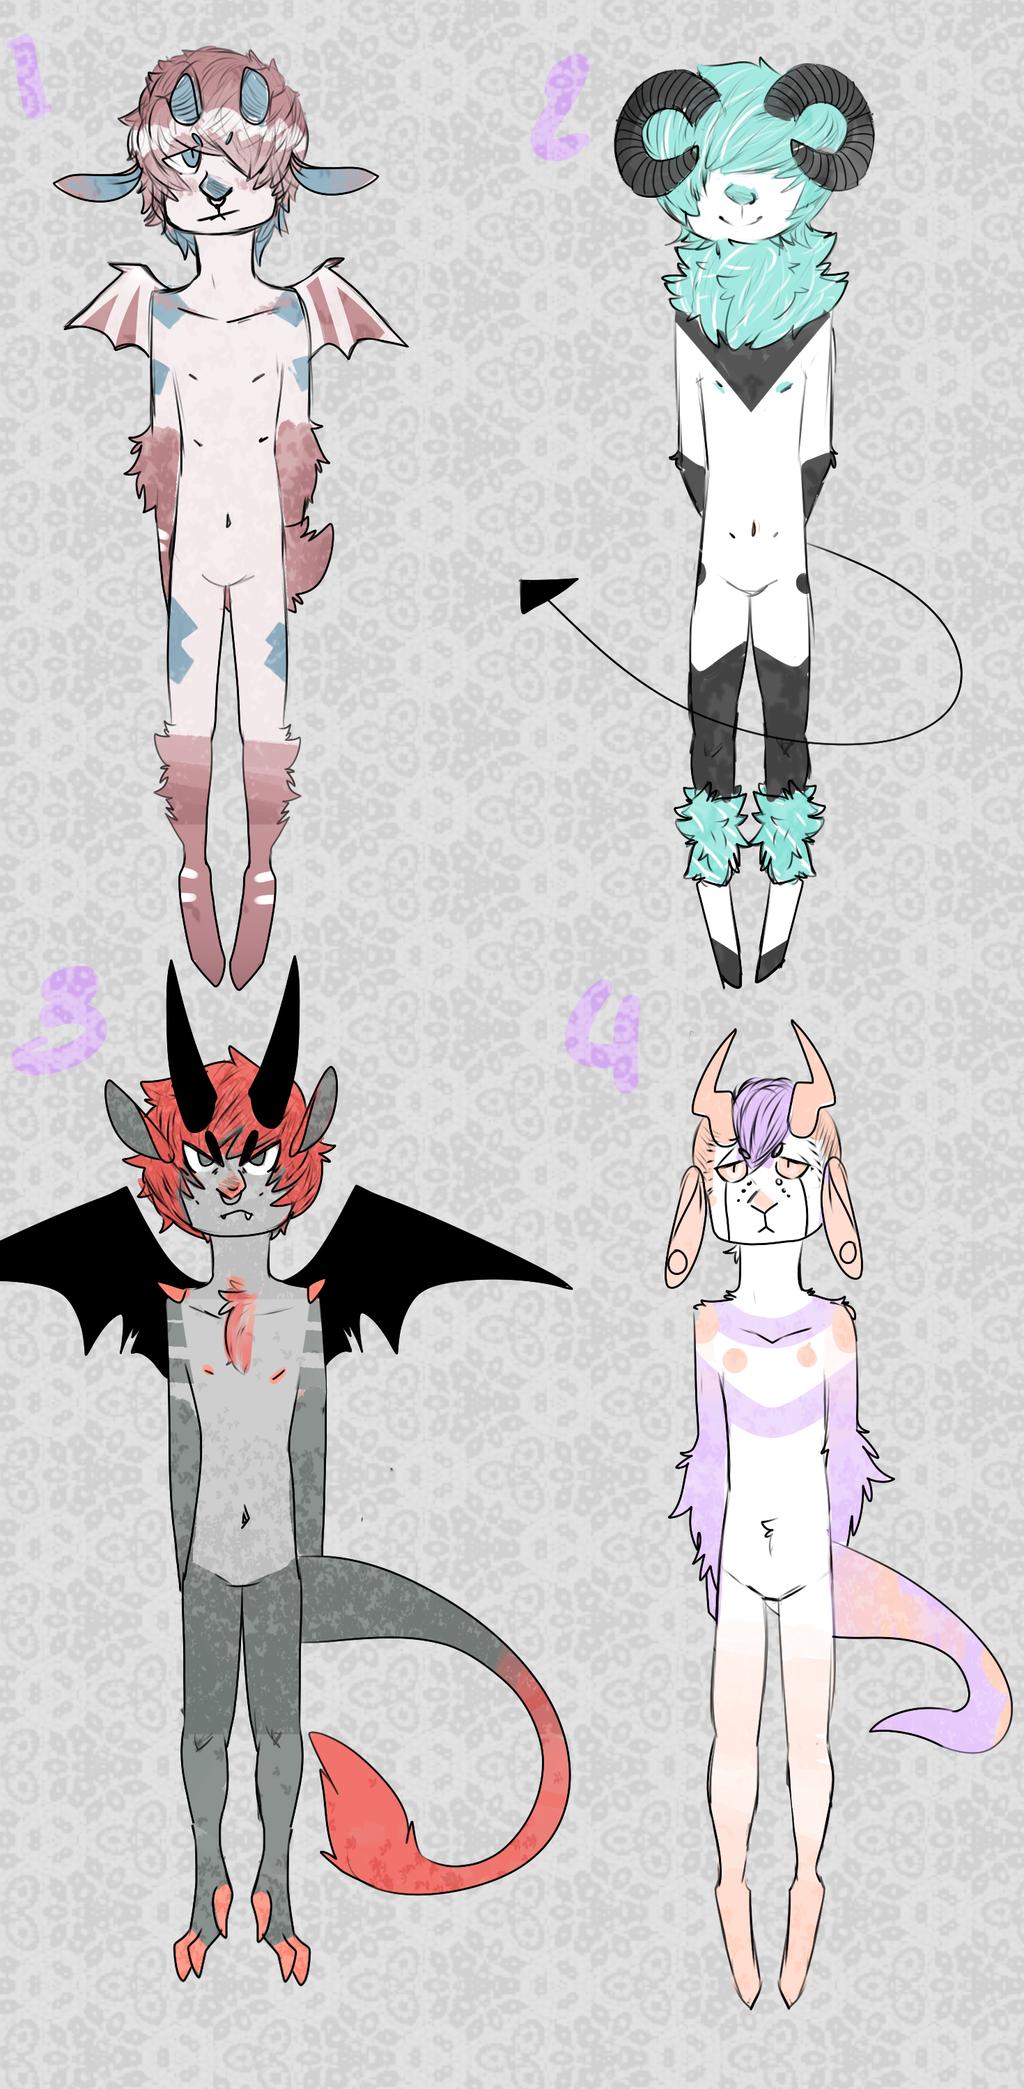 Adoptable demons